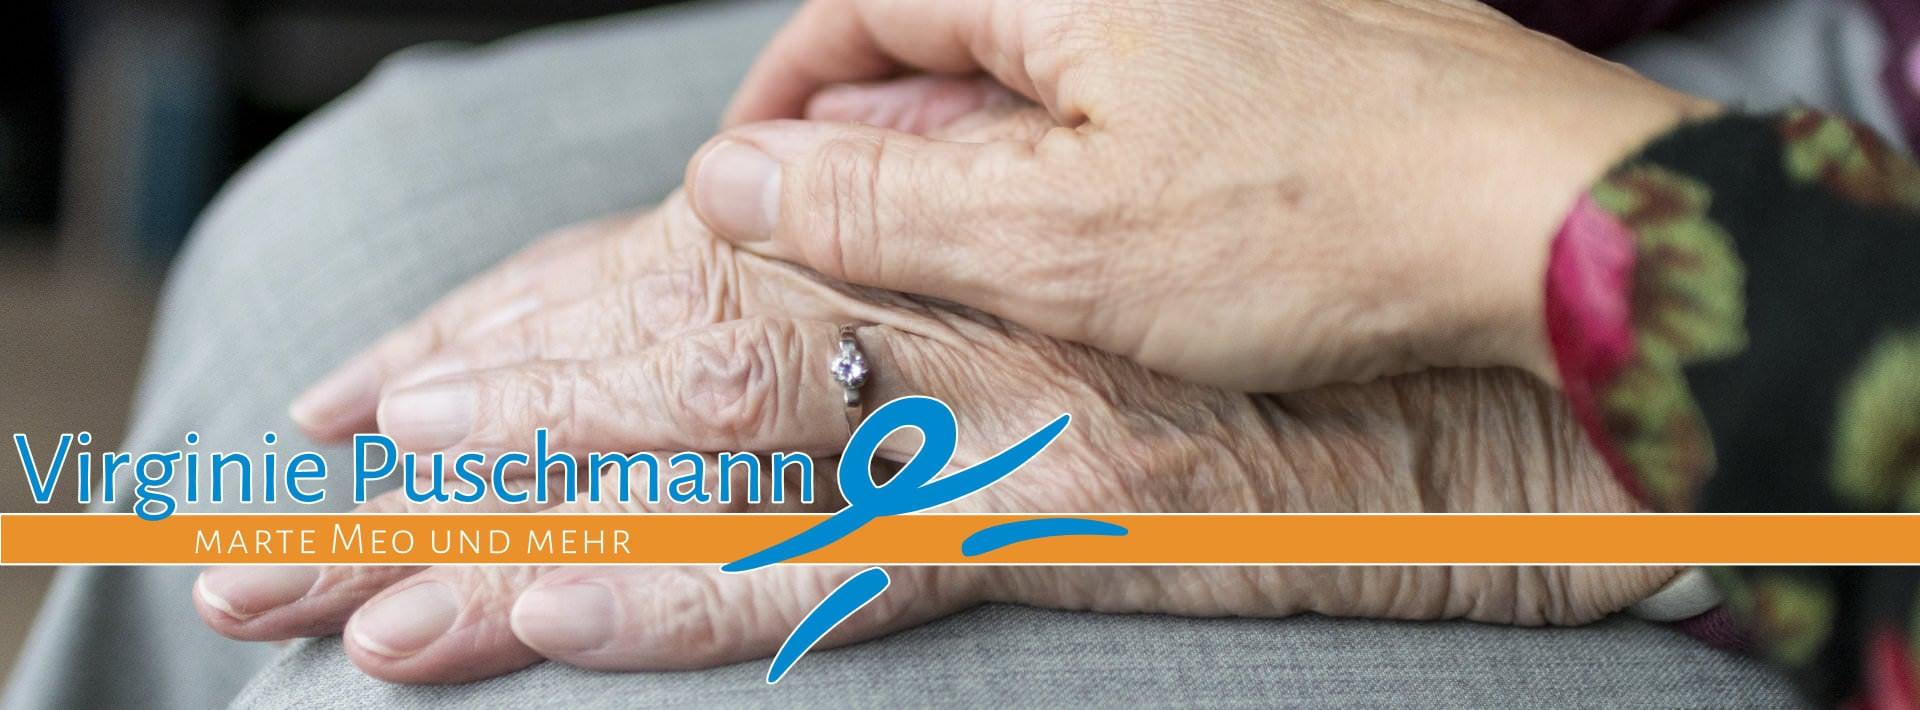 Behindertenhilfe, Altenpflege